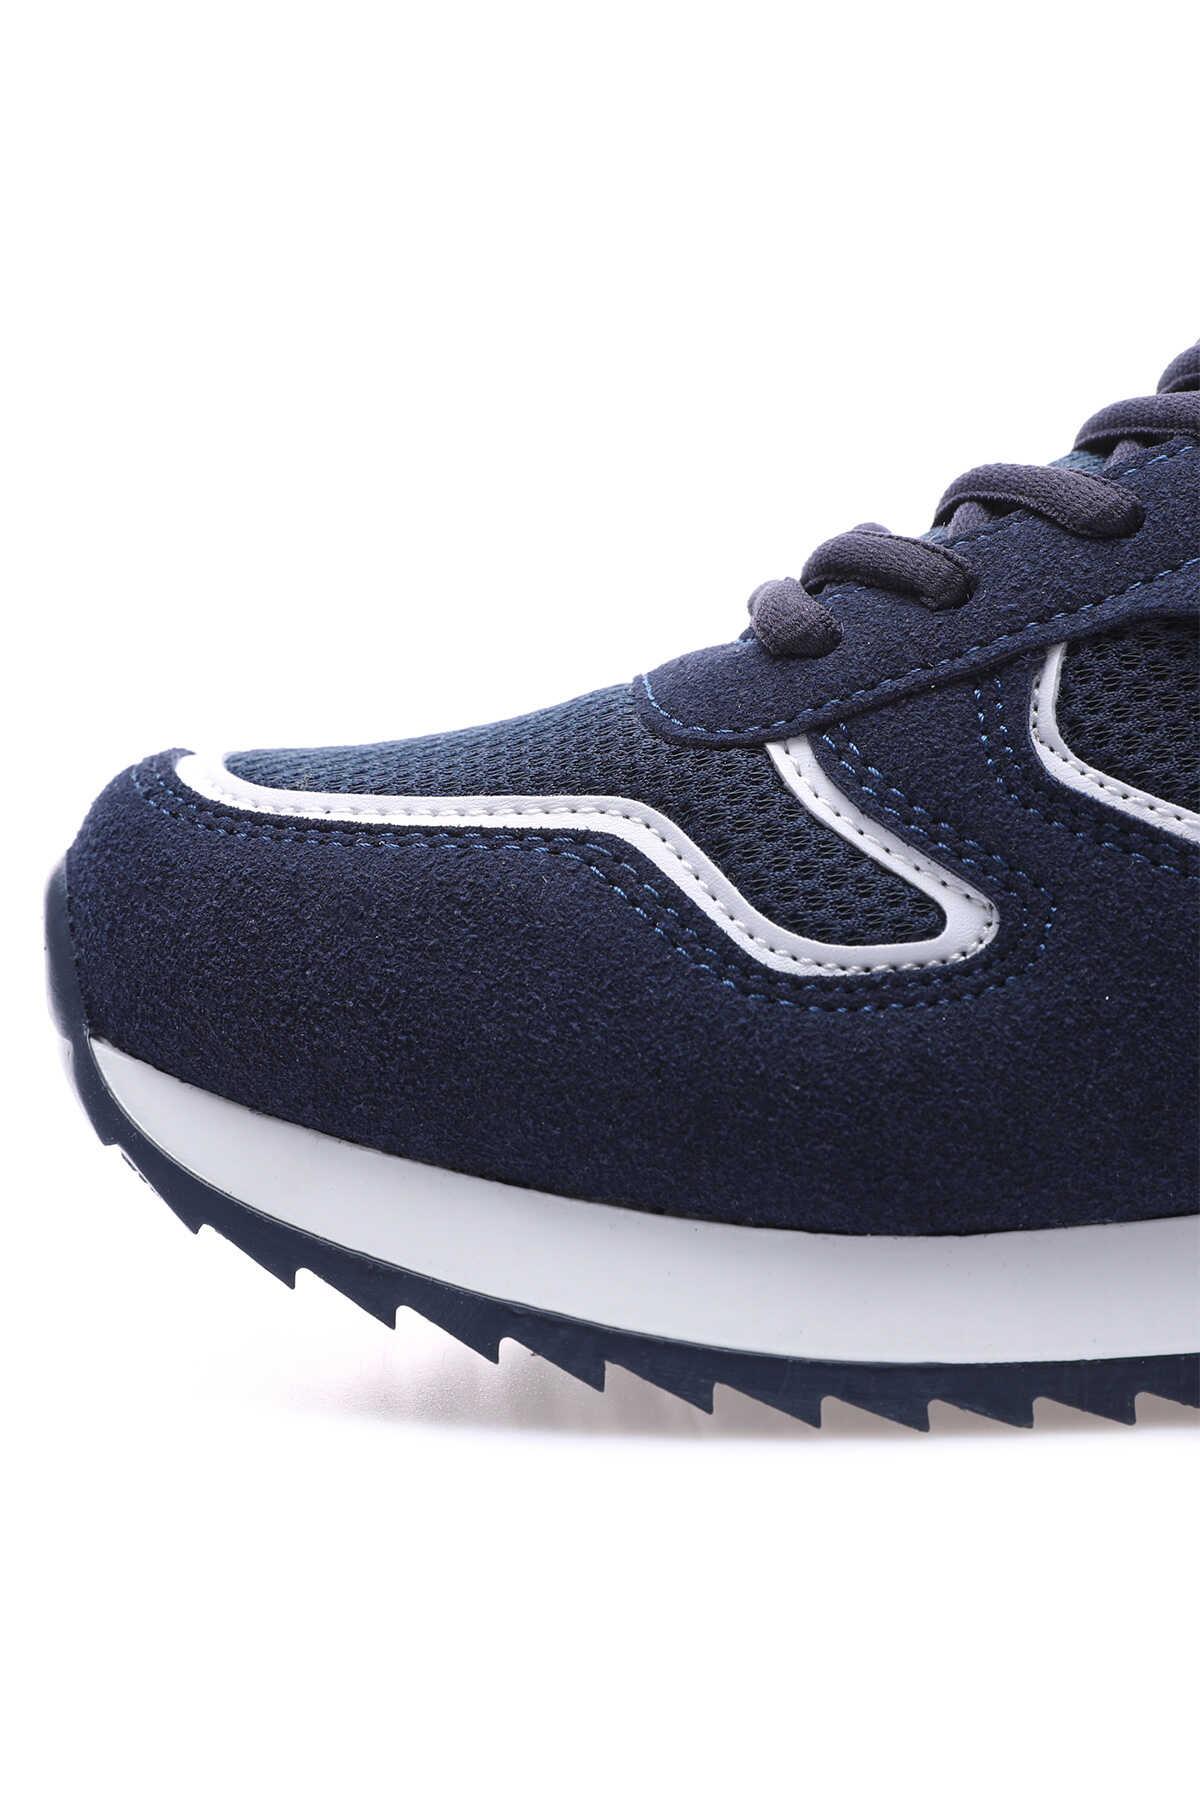 Tommy Life Toptan Lacivert Erkek Bağcıklı Suni Deri Spor Ayakkabı - 89051_1